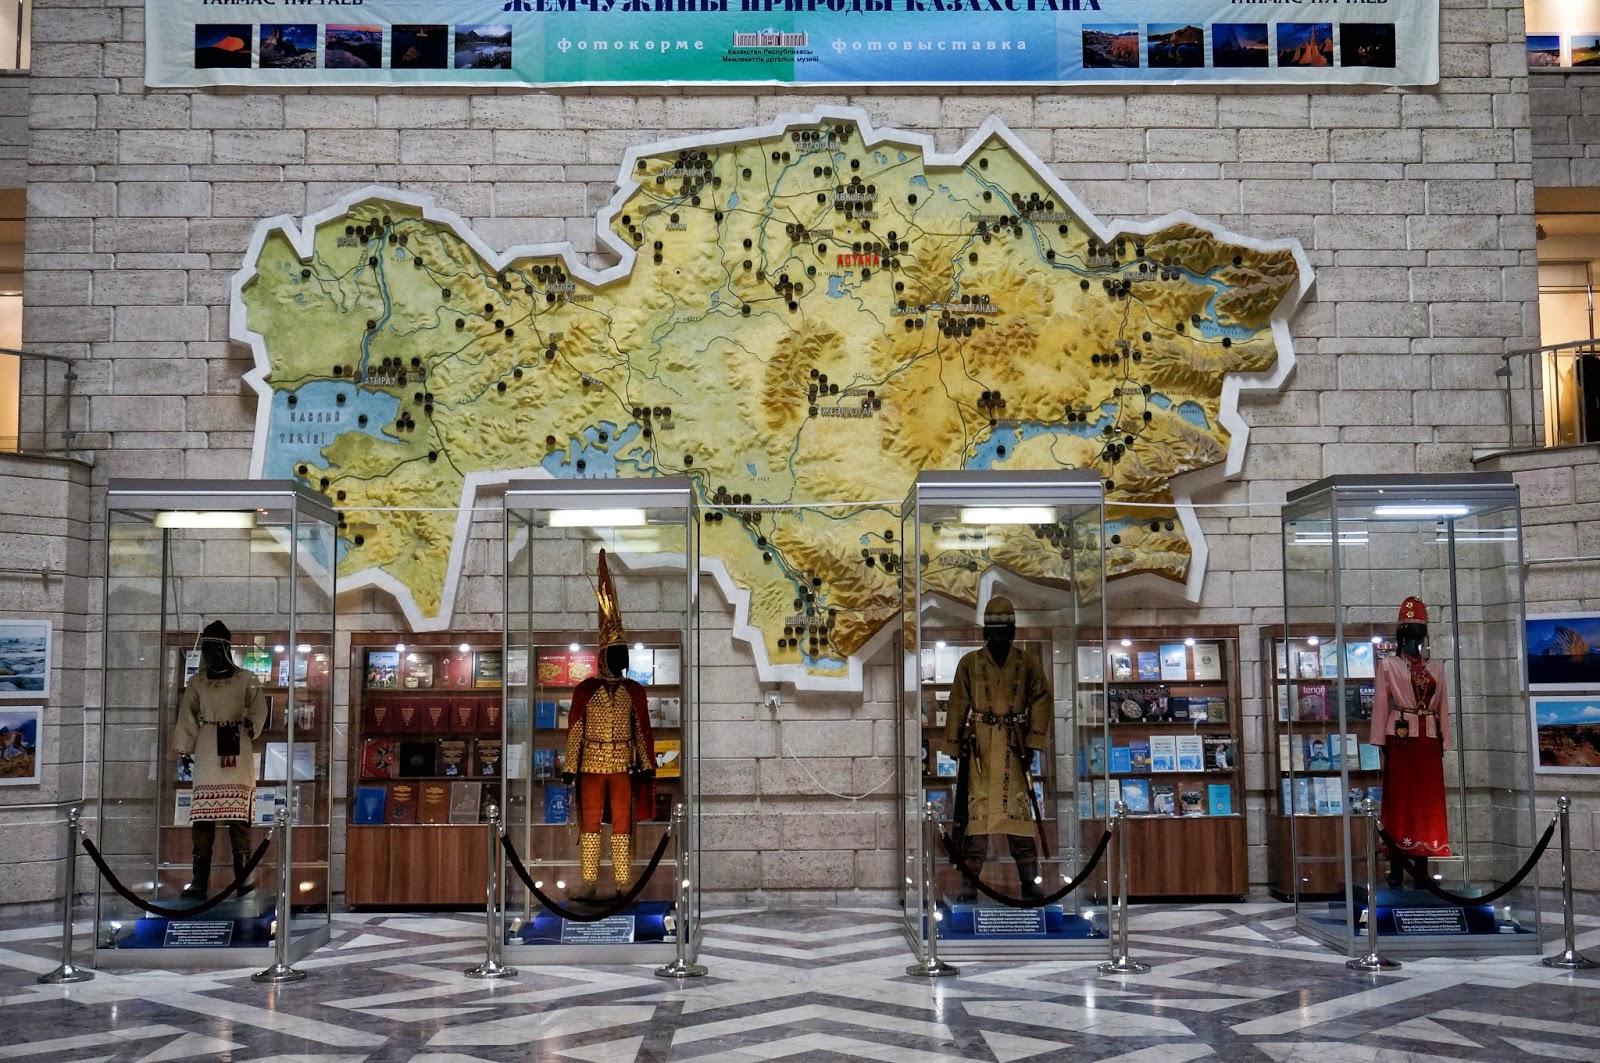 wyprawa do Kazachstanu, co zobaczyć w Kazachstanie, Kazachstan ciekawostki, zwiedzanie Kazachstanu, Kazachstan muzeum